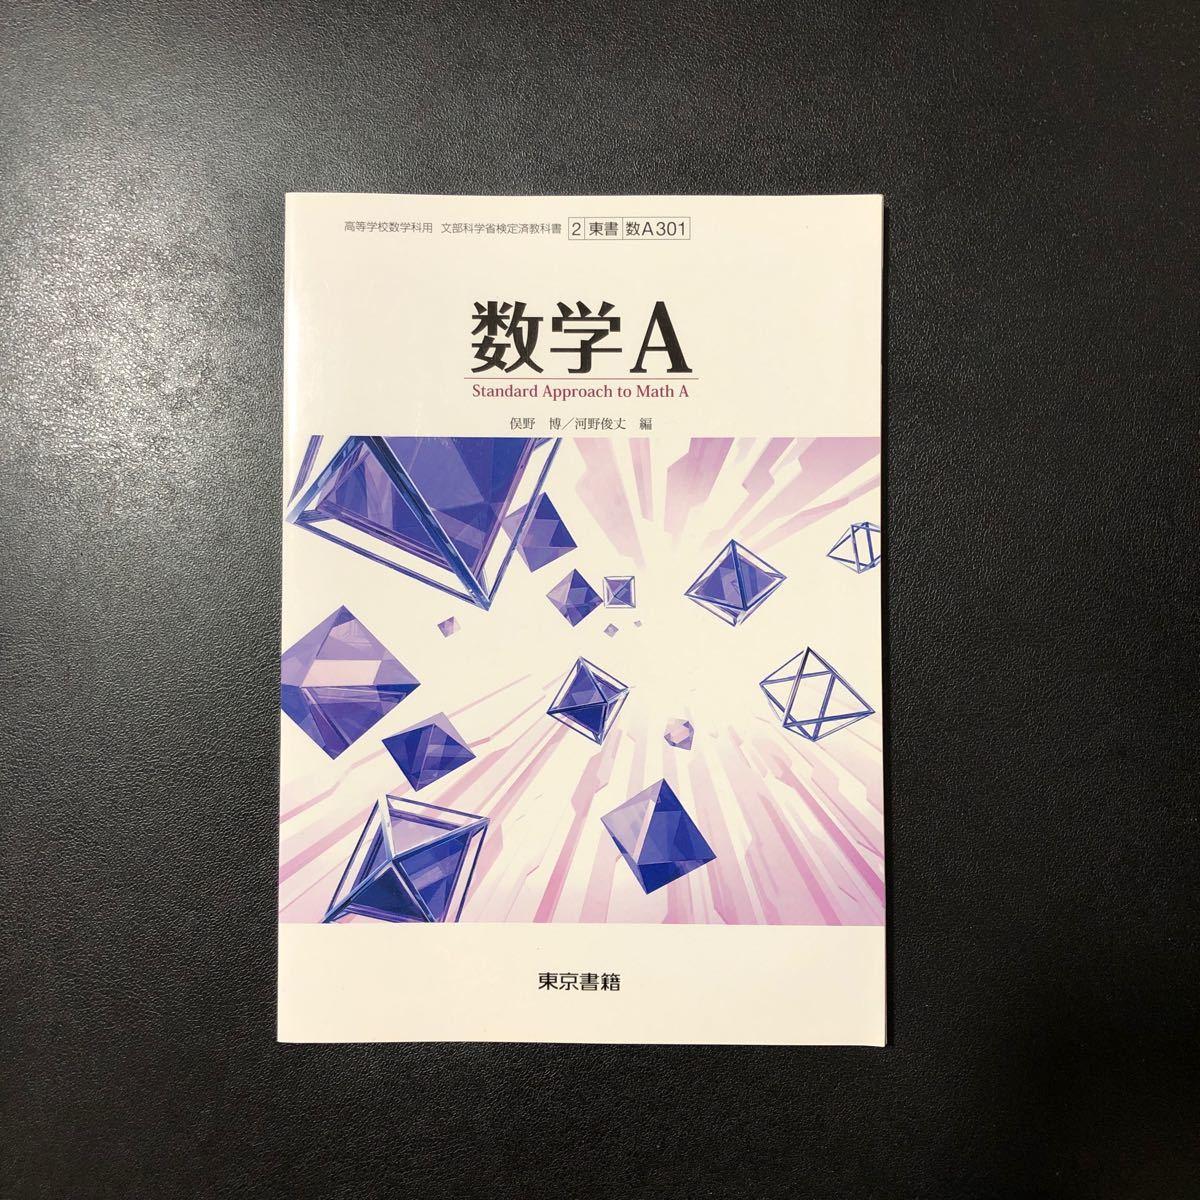 数学A 東京書籍 文部科学省検定済教科書 高等学校数学科用 2 東書 数A 301 (学校)